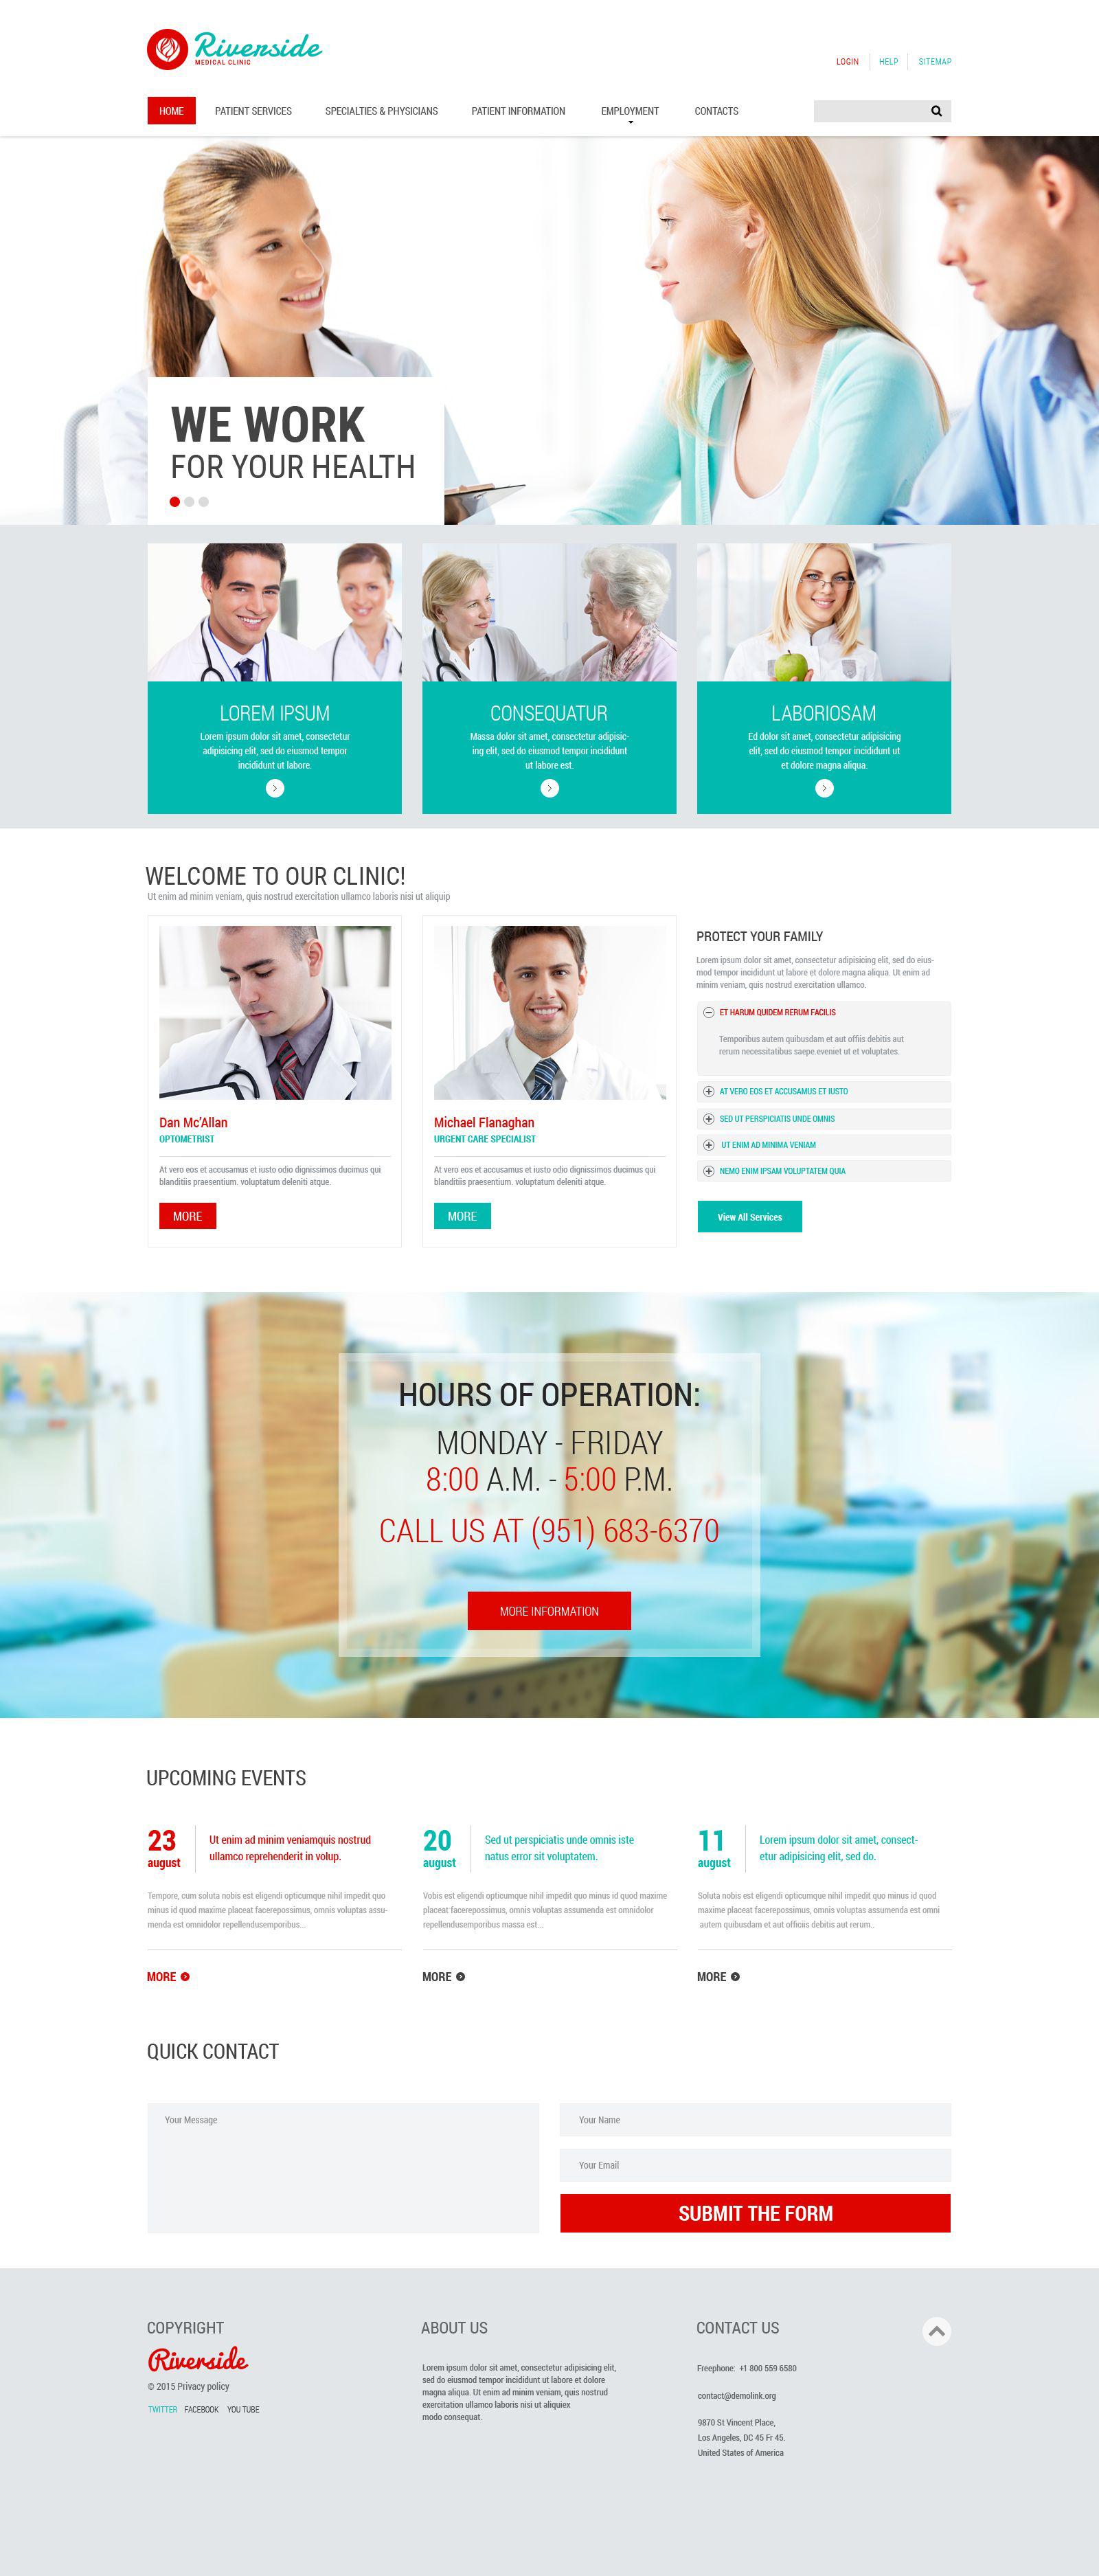 Template Web Flexível para Sites de Medico №55547 - captura de tela